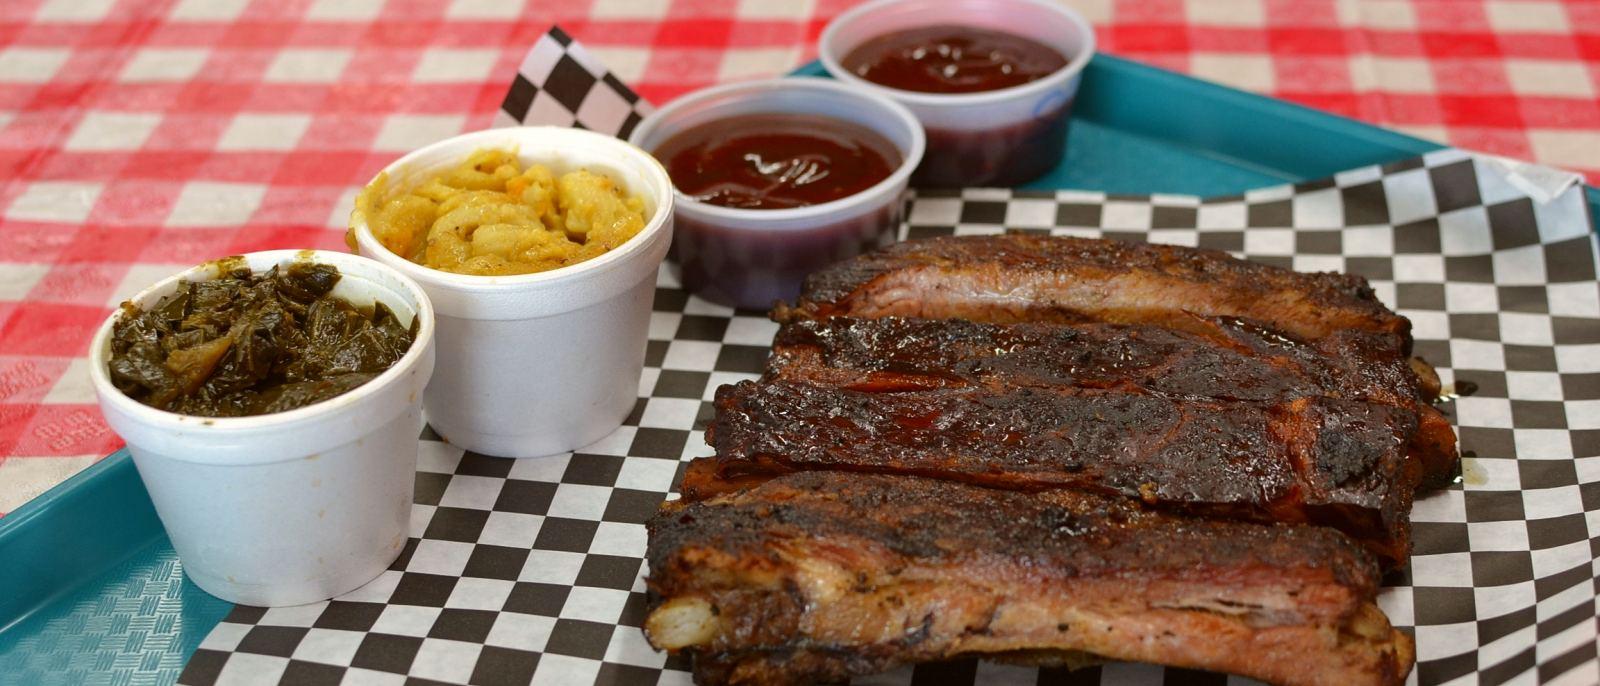 Pork ribs at Robert Earl's BBQ